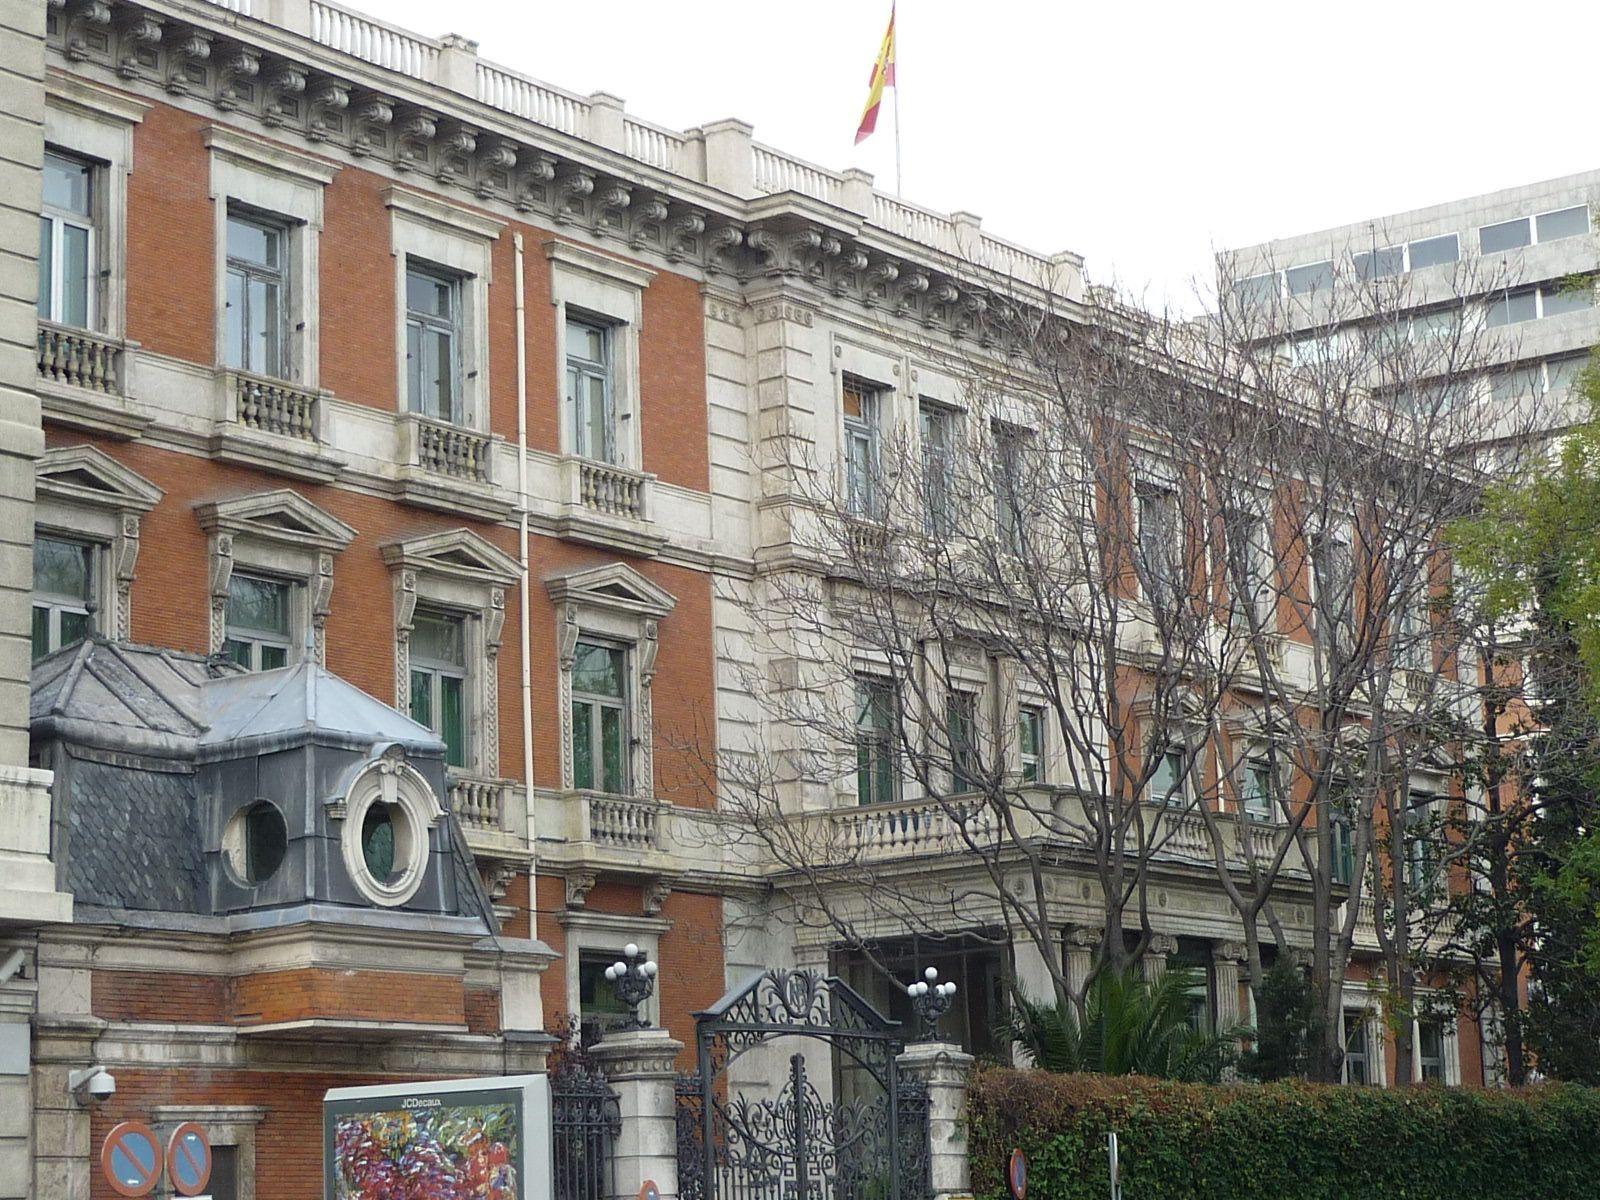 Palacio Del Marqués De Villamejor Família Real Espanhola Espanhol Família Real